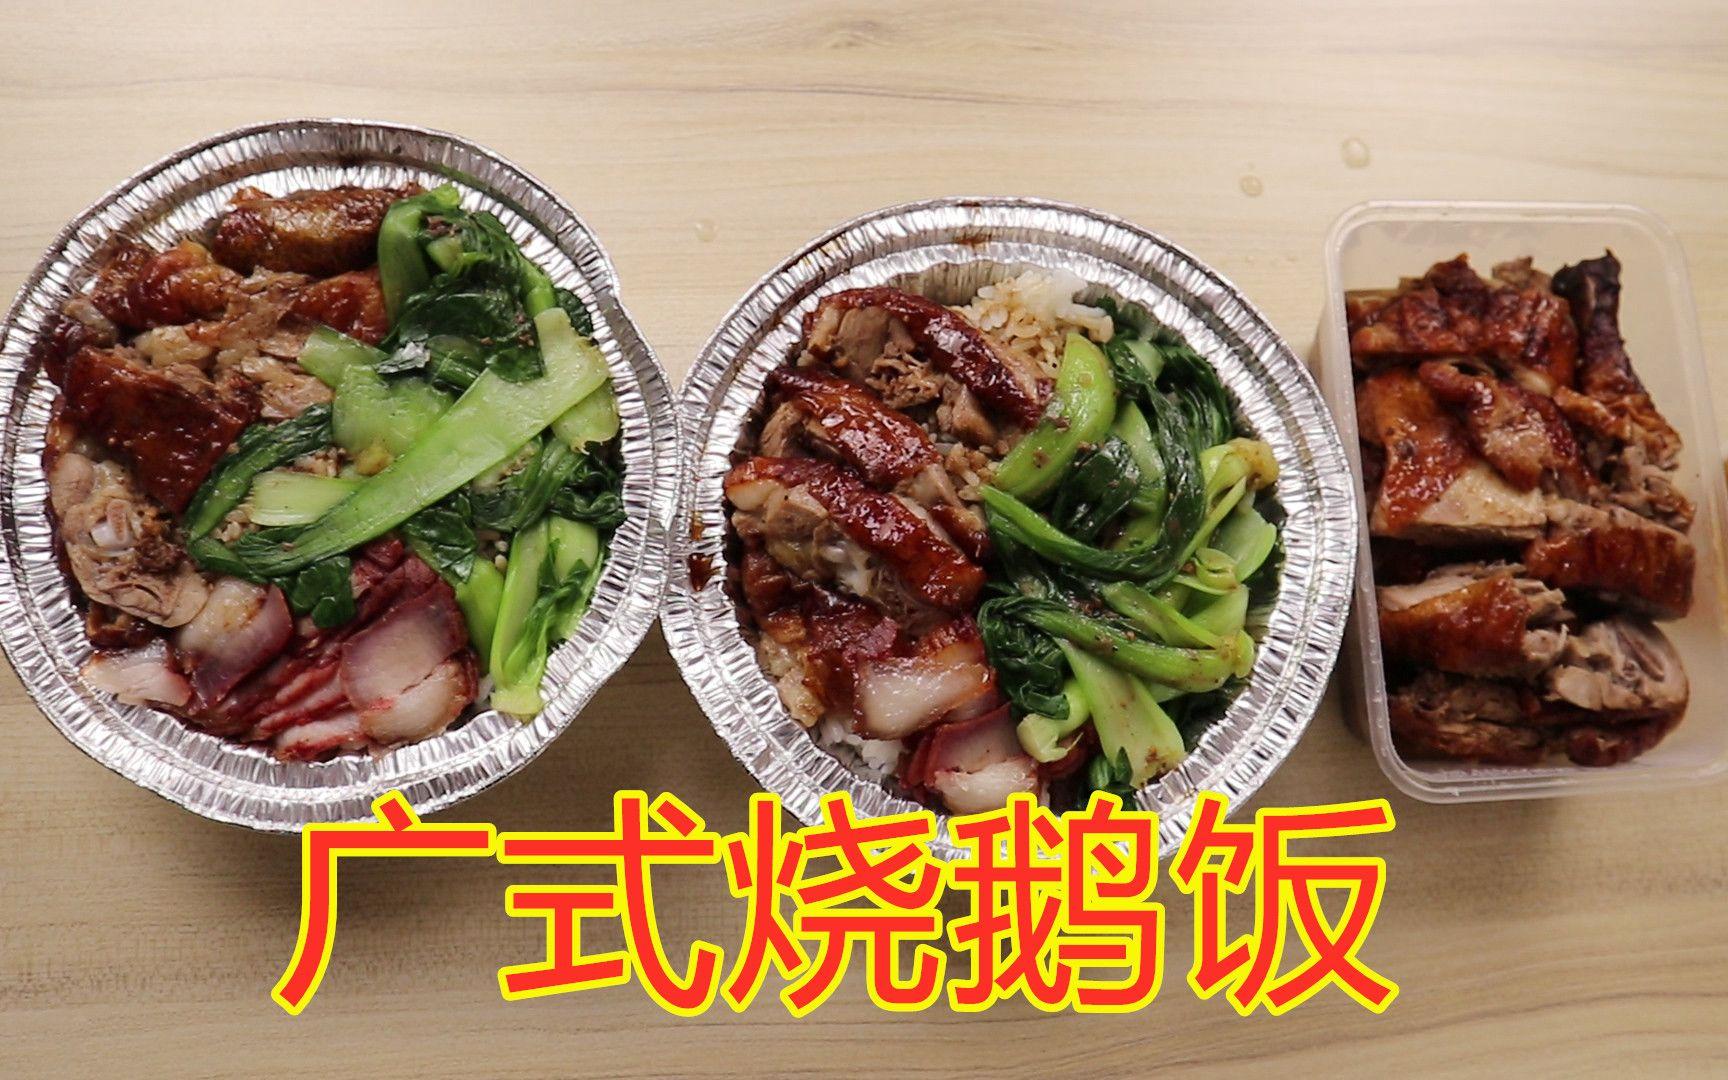 大飞点外卖: 两份广式烧鹅饭, 另加一斤烧鹅, 就着大蒜吃真得劲!